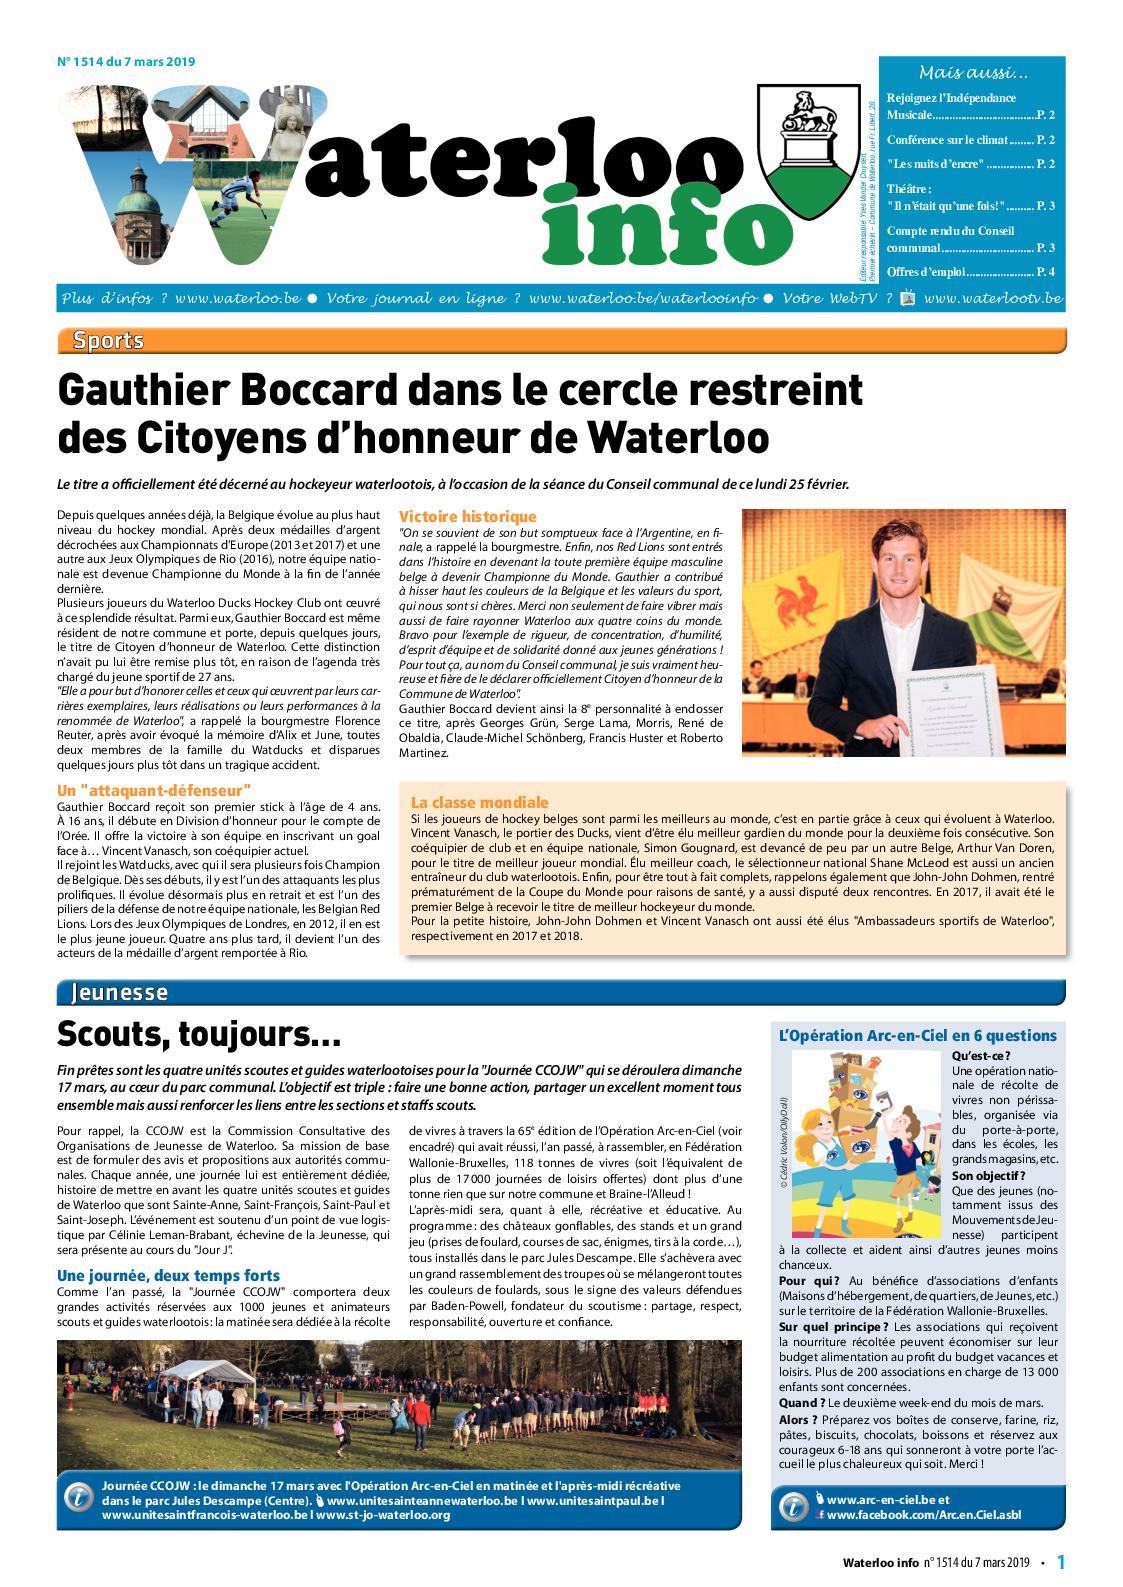 Waterloo Info n°1514 du 7 mars 2019